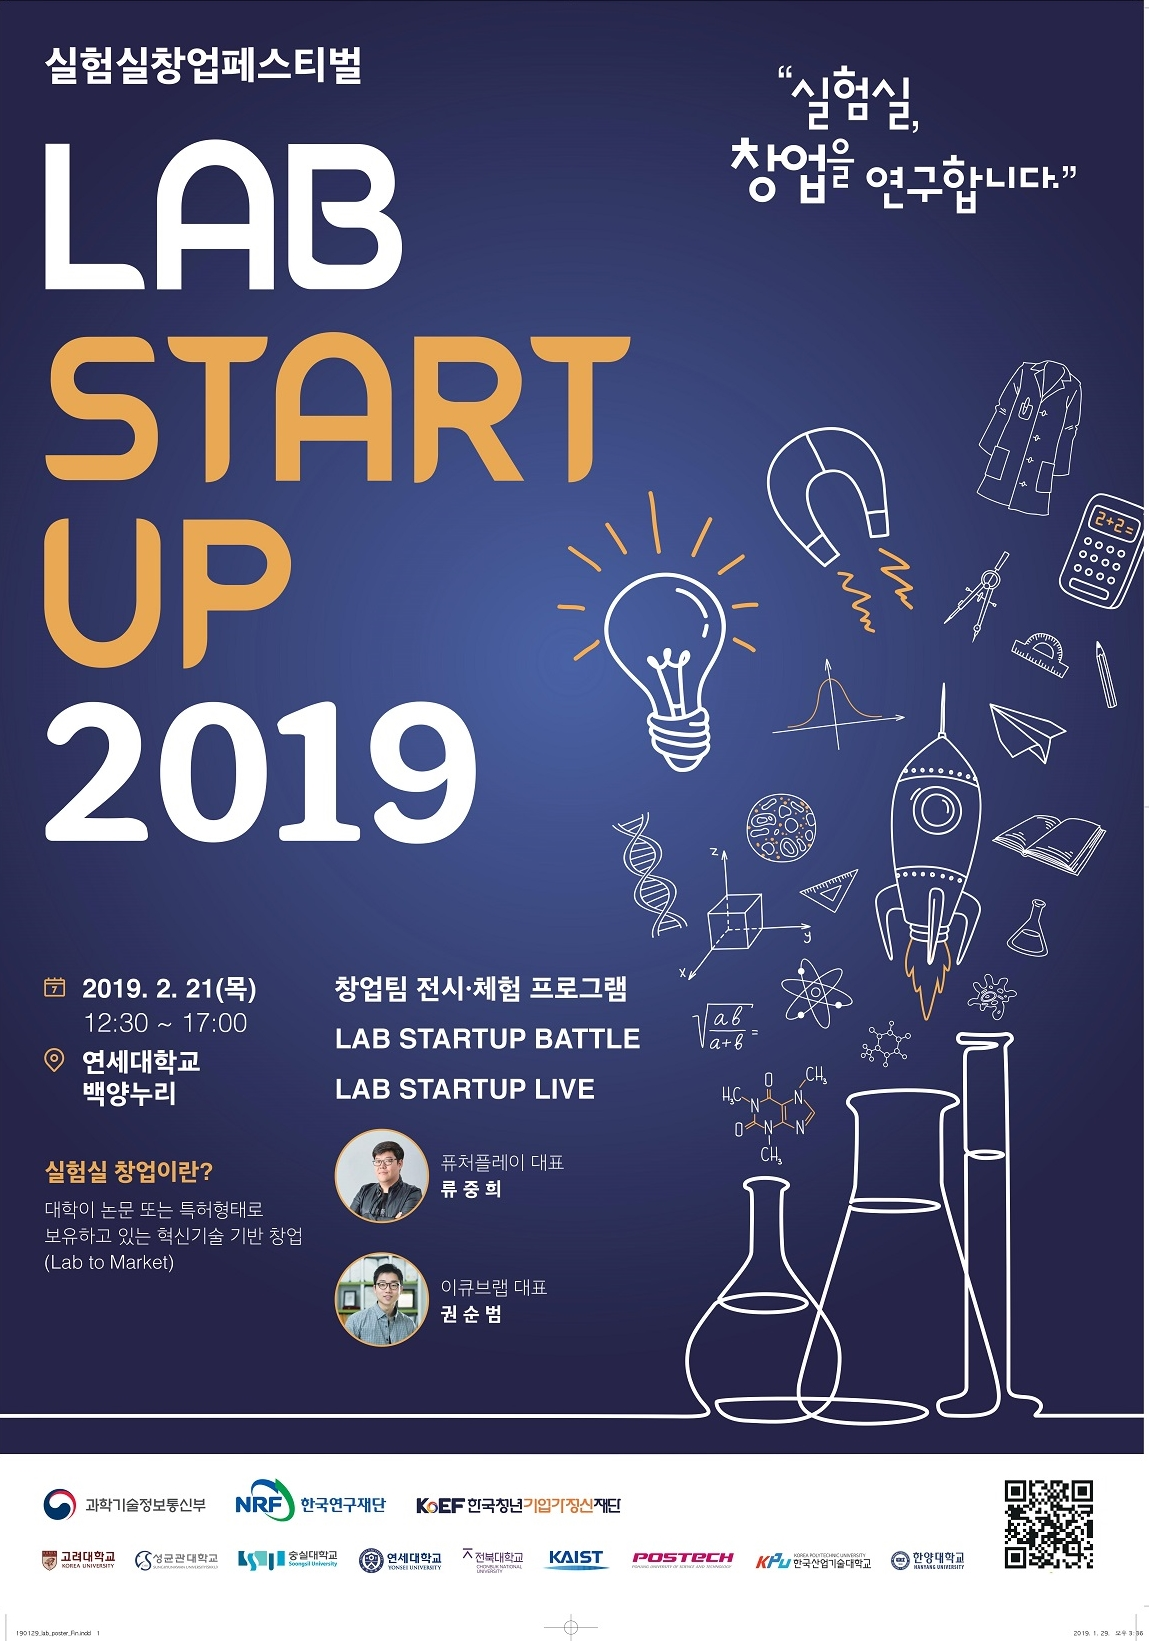 실험실창업페스티벌 실험실 창업을 연구합니다. LAB START UP 2019 // 2019.2.21(목) 연세대학교 백양누리 실험실 창업이란? 대학이 논문 또는 특허형태로 보유하고 있는 혁신기술 기반 창업(Lab to Market) 창업팀 전시체험 프로그램 LAB STARTUP BATTLE, LAB STARTUP LIVE - 퓨처플레이 대표 류중희, 이큐브랩 대표 권순범, 과학기술정보통신부, 한국연구재단,한국청년기업가정신재단,고려대학교,성균관대학교,숭실대학교,연세대학교,전북대학교,KAIST,POSTECH,한국산업기술대학교,한양대학교